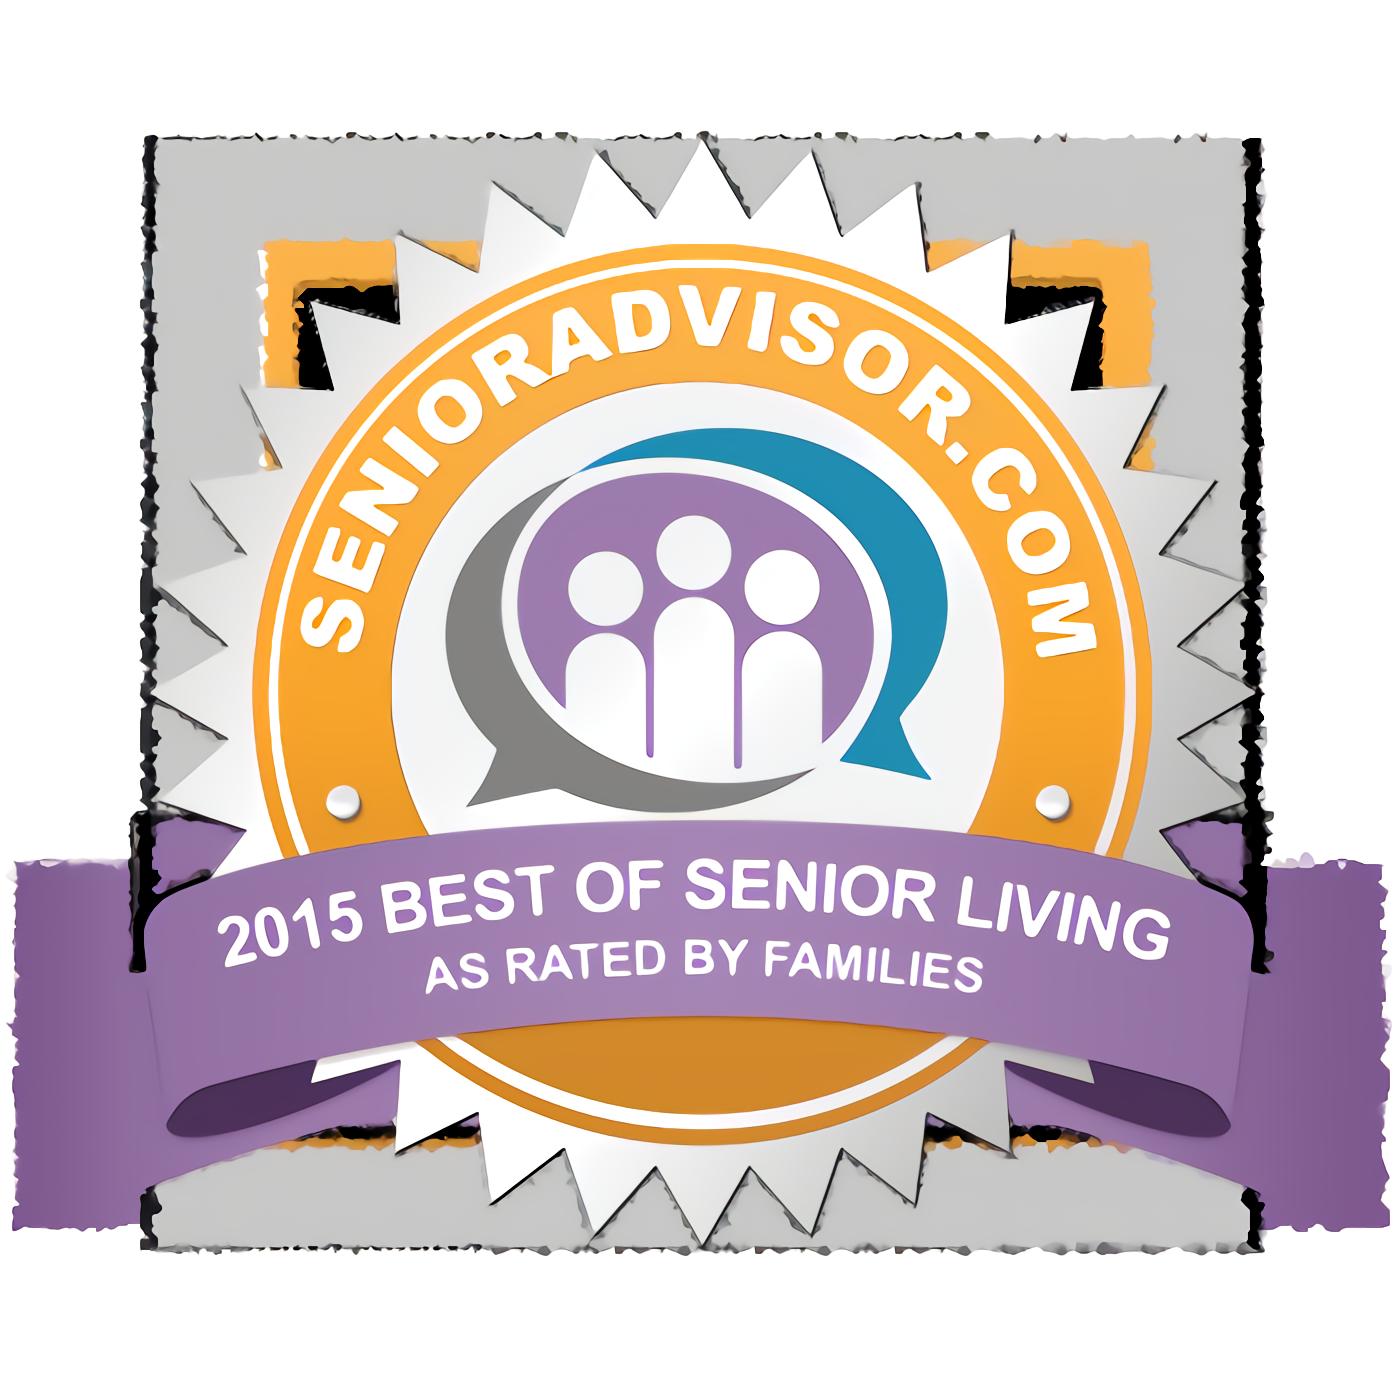 2015 Best of Senior Living Award